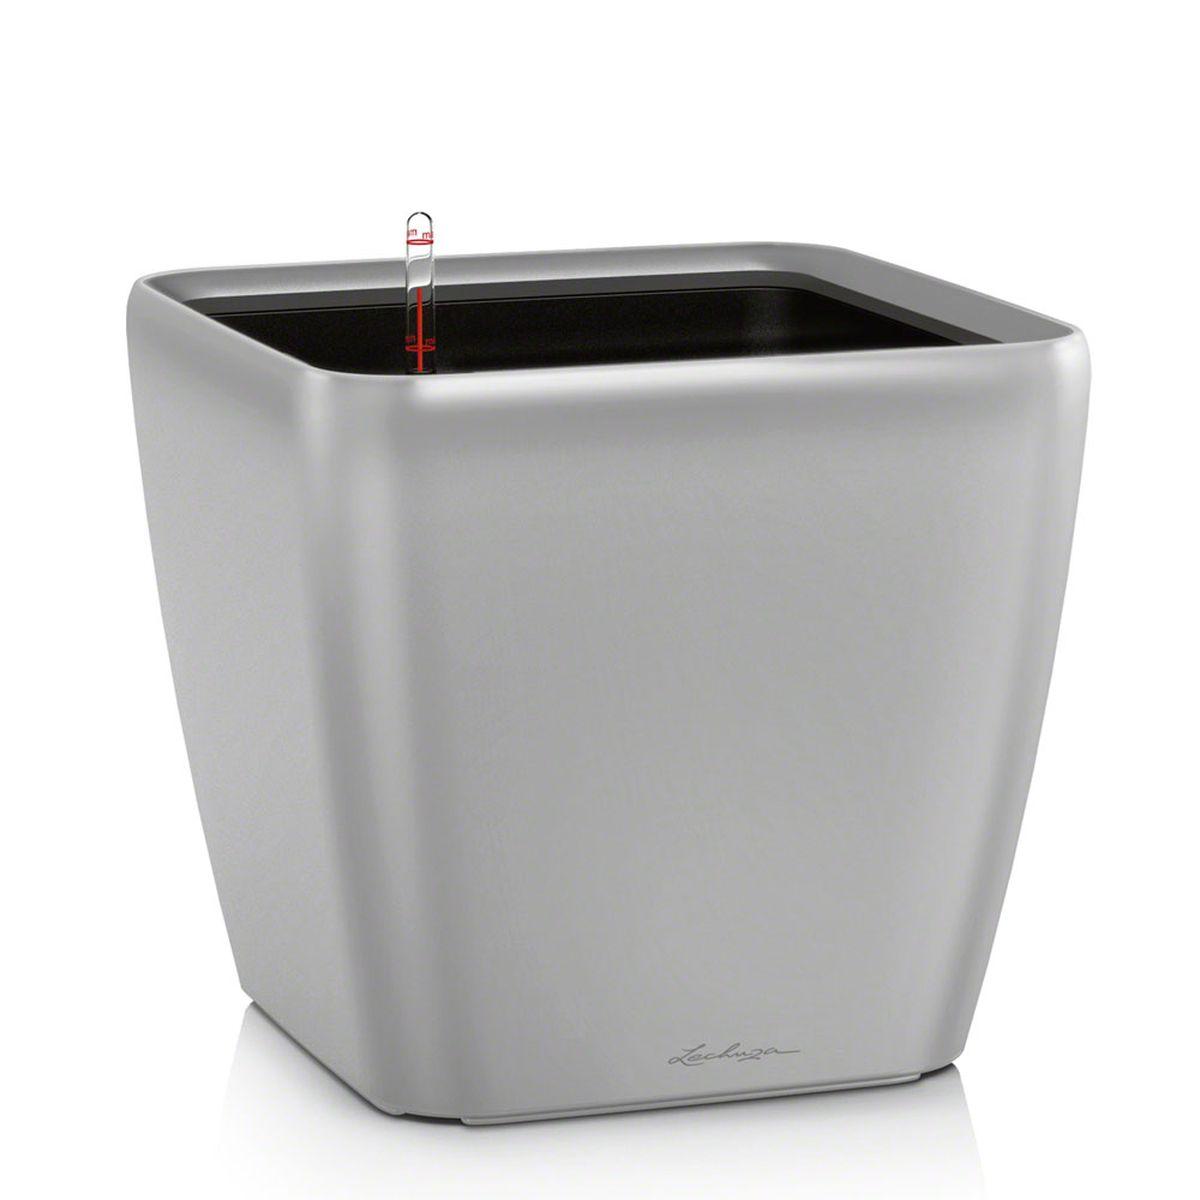 Кашпо Lechuza Quadro, с системой автополива, цвет: серебристый, 28 х 28 х 26 смMRC185TКашпо Lechuza Quadro, выполненное из высококачественного пластика, имеет уникальную систему автополива, благодаря которой корневая система растения непрерывно снабжается влагой из резервуара. Уровень воды в резервуаре контролируется с помощью специального индикатора. В зависимости от размера кашпо и растения воды хватает на 2-12 недель. Это способствует хорошему росту цветов и предотвращает переувлажнение.В набор входит: кашпо, внутренний горшок с выдвижной эргономичной ручкой, индикатор уровня воды, вал подачи воды, субстрат растений в качестве дренажного слоя, резервуар для воды.Кашпо Lechuza Quadro прекрасно впишется в любой интерьер. Оно поможет расставить нужные акценты, а также придаст помещению вид, соответствующий вашим представлениям.